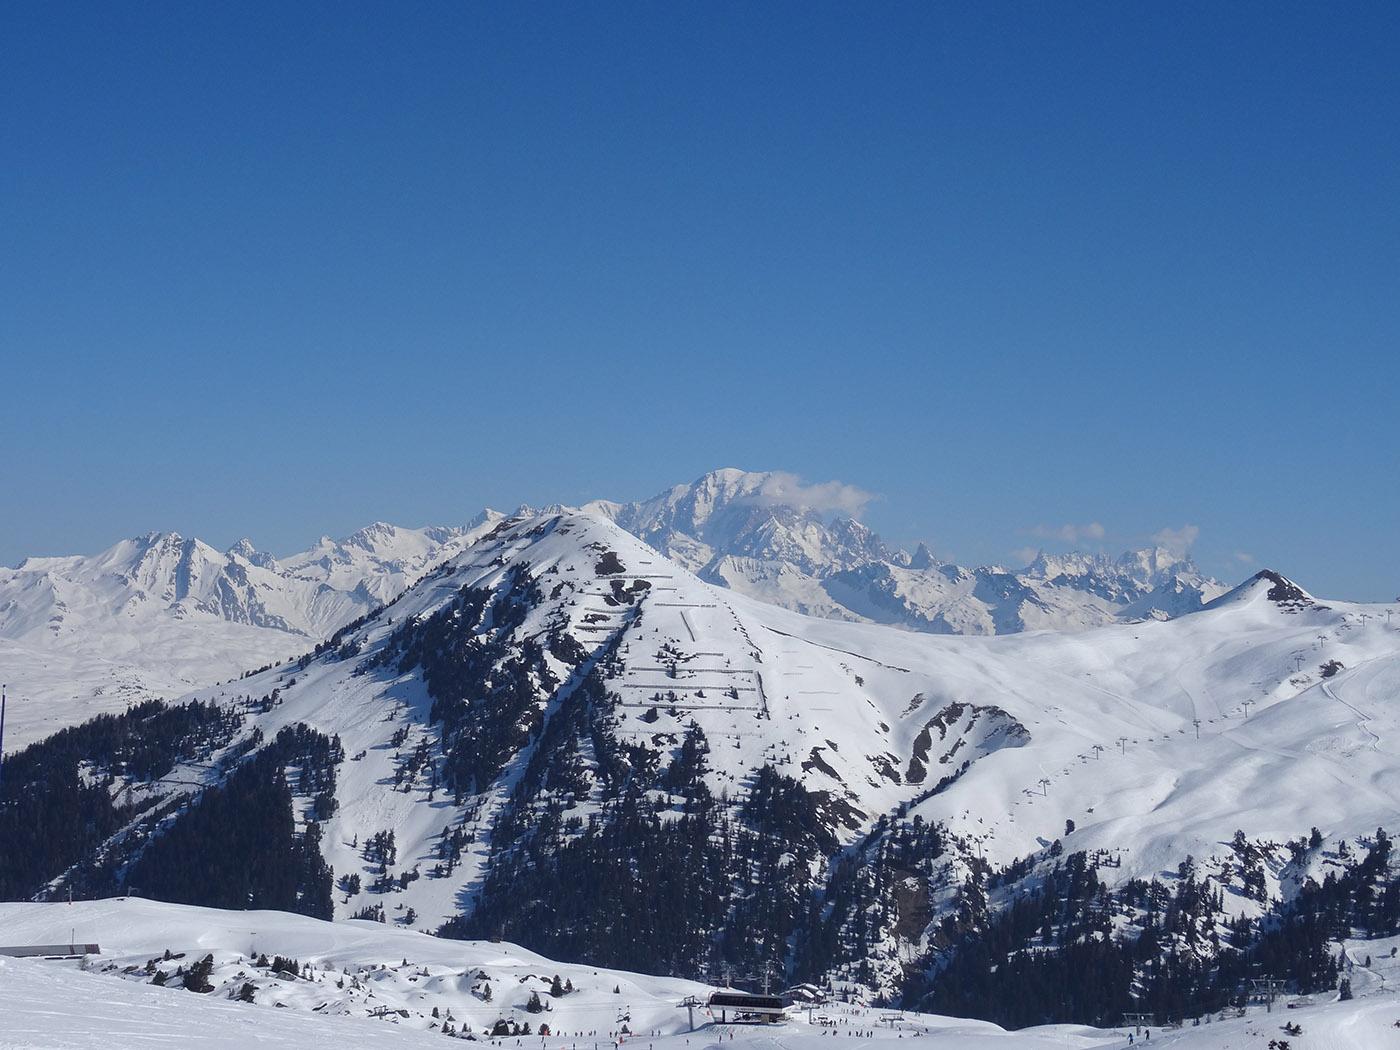 Vue sur le Mont-Blanc depuis les pistes de ski de La Plagne et du domaine Paradiski